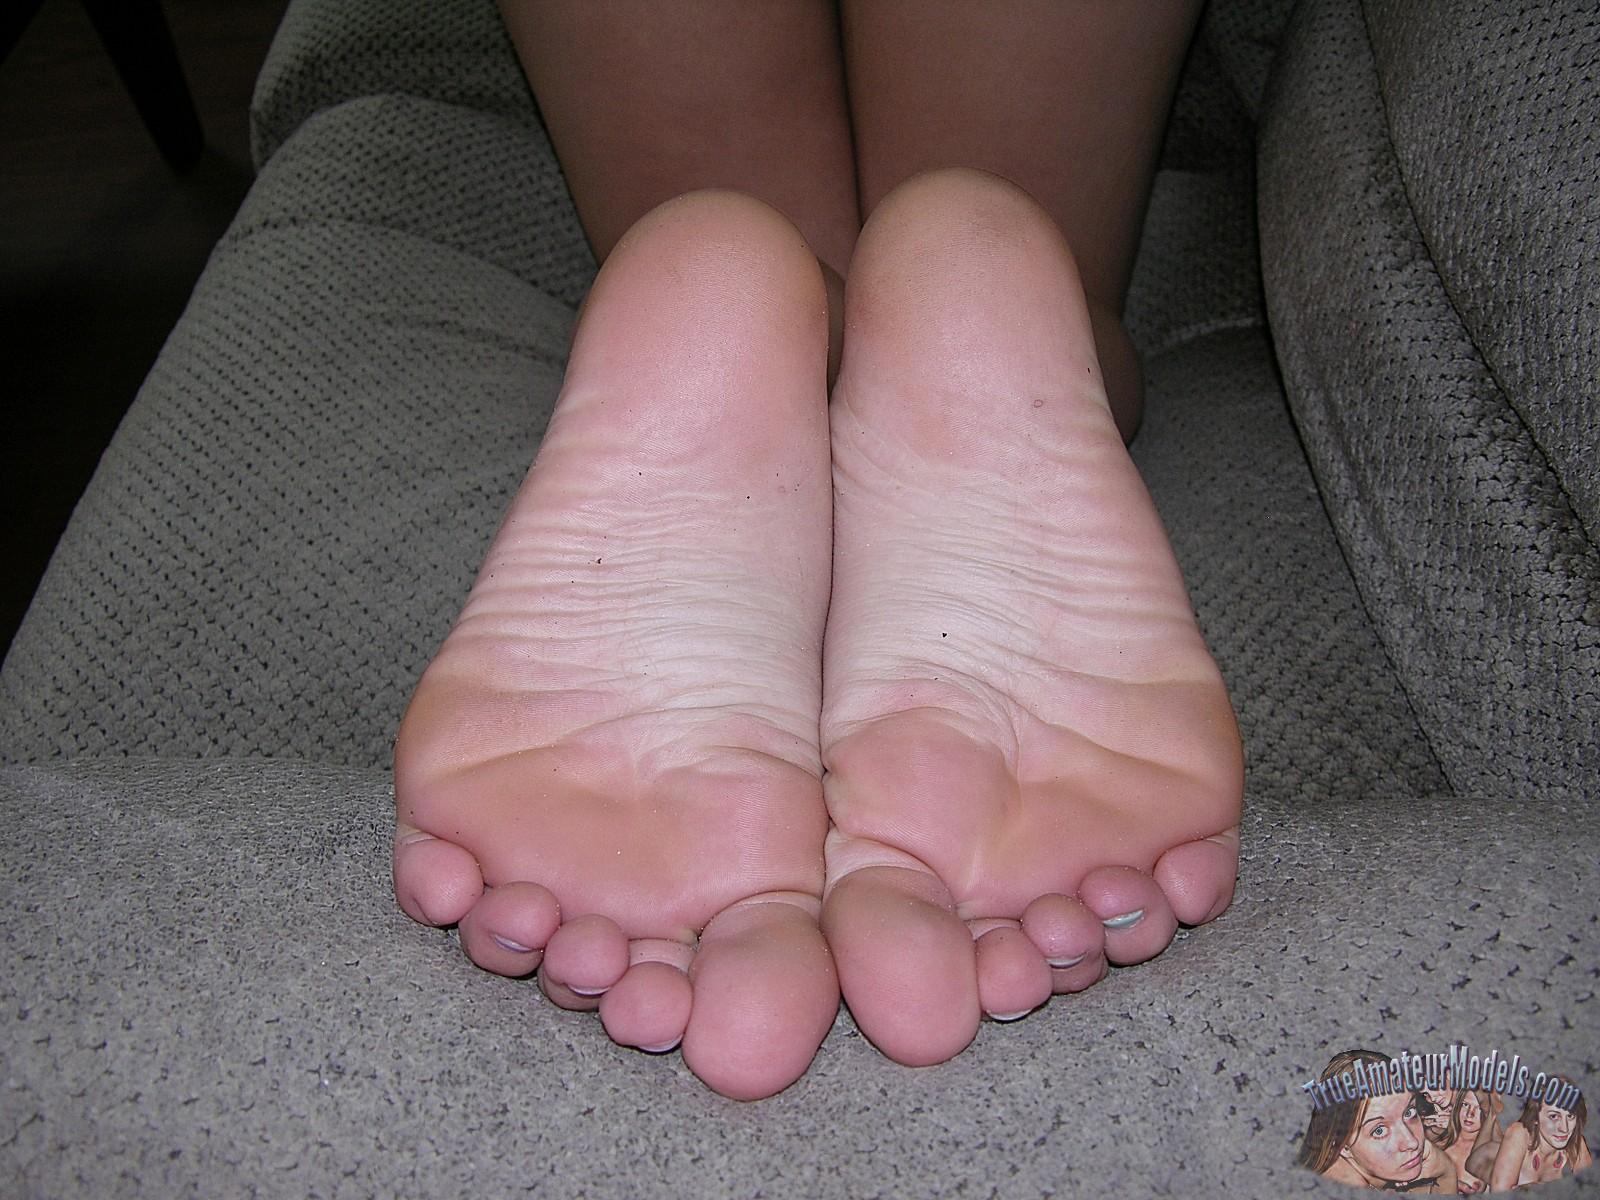 ass-foot-fetish-pics-trueamateurmodels-anna11